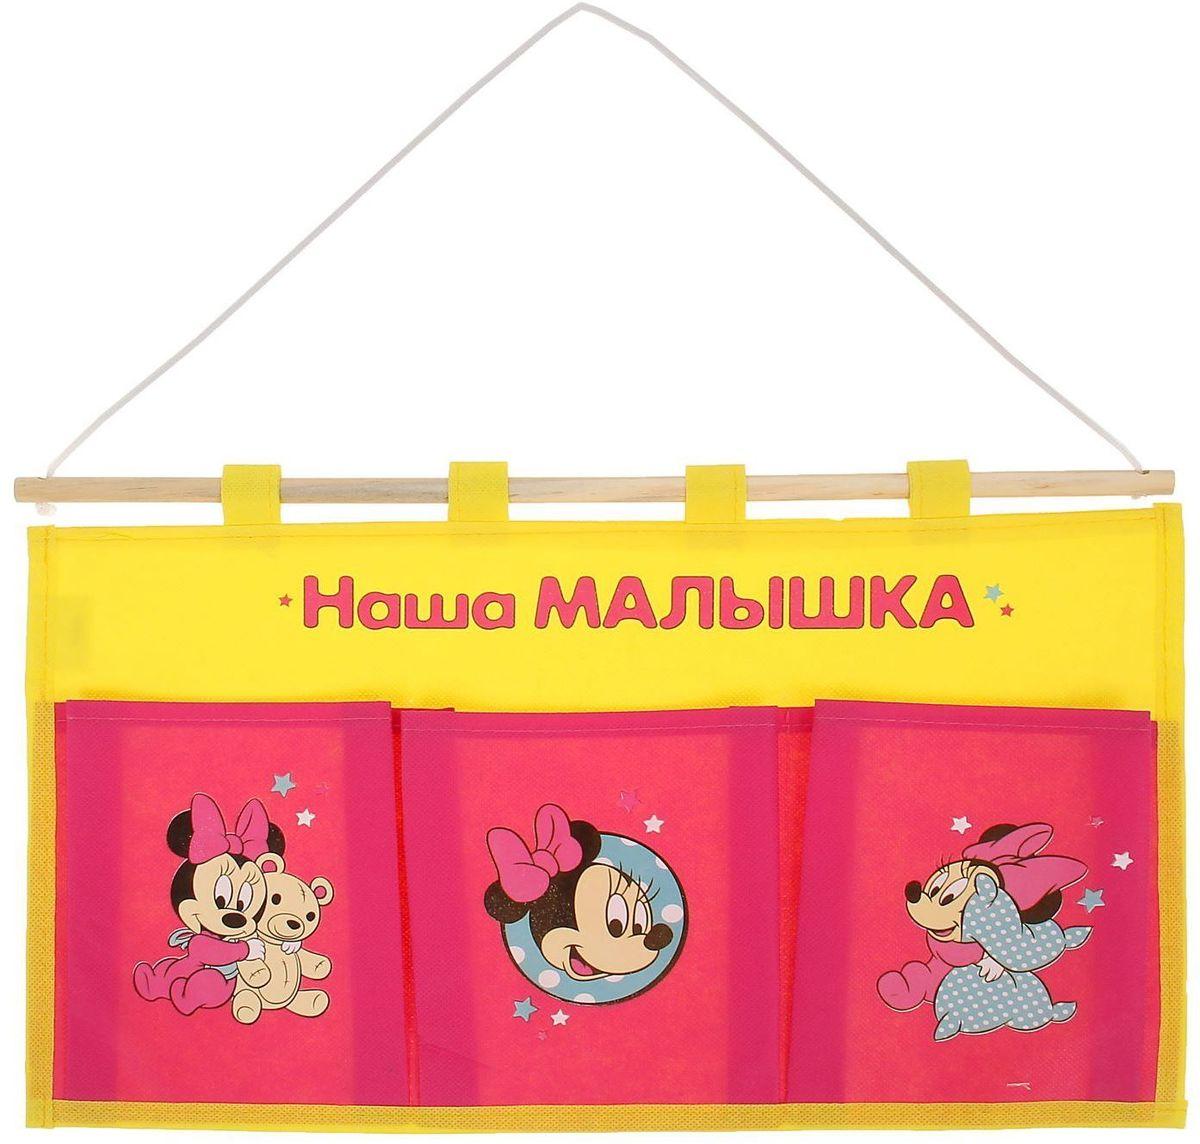 Disney Кармашки настенные Наша малышка Минни Маус 3 отделения1162098Порядок с любимыми героями Disney. Украсьте комнату ребёнка стильным и полезным аксессуаром. Настенные кармашки организуют вещи малышки и помогут содержать комнату в чистоте и порядке. Положите туда игрушки или одежду, и детская преобразится! Кармашки даже можно использовать в ванной комнате. Набор из нетканого материала спанбонд крепится на деревянную палочку, а вся конструкция подвешивается за верёвку. Яркие рисунки с любимыми персонажами нанесены по термотрансферной технологии. Изделие упаковано в прозрачный пакет, к которому прилагается небольшой шильд с героем Disney, где можно написать тёплые слова и пожелания для адресата. Соберите коллекцию аксессуаров с любимыми героями!